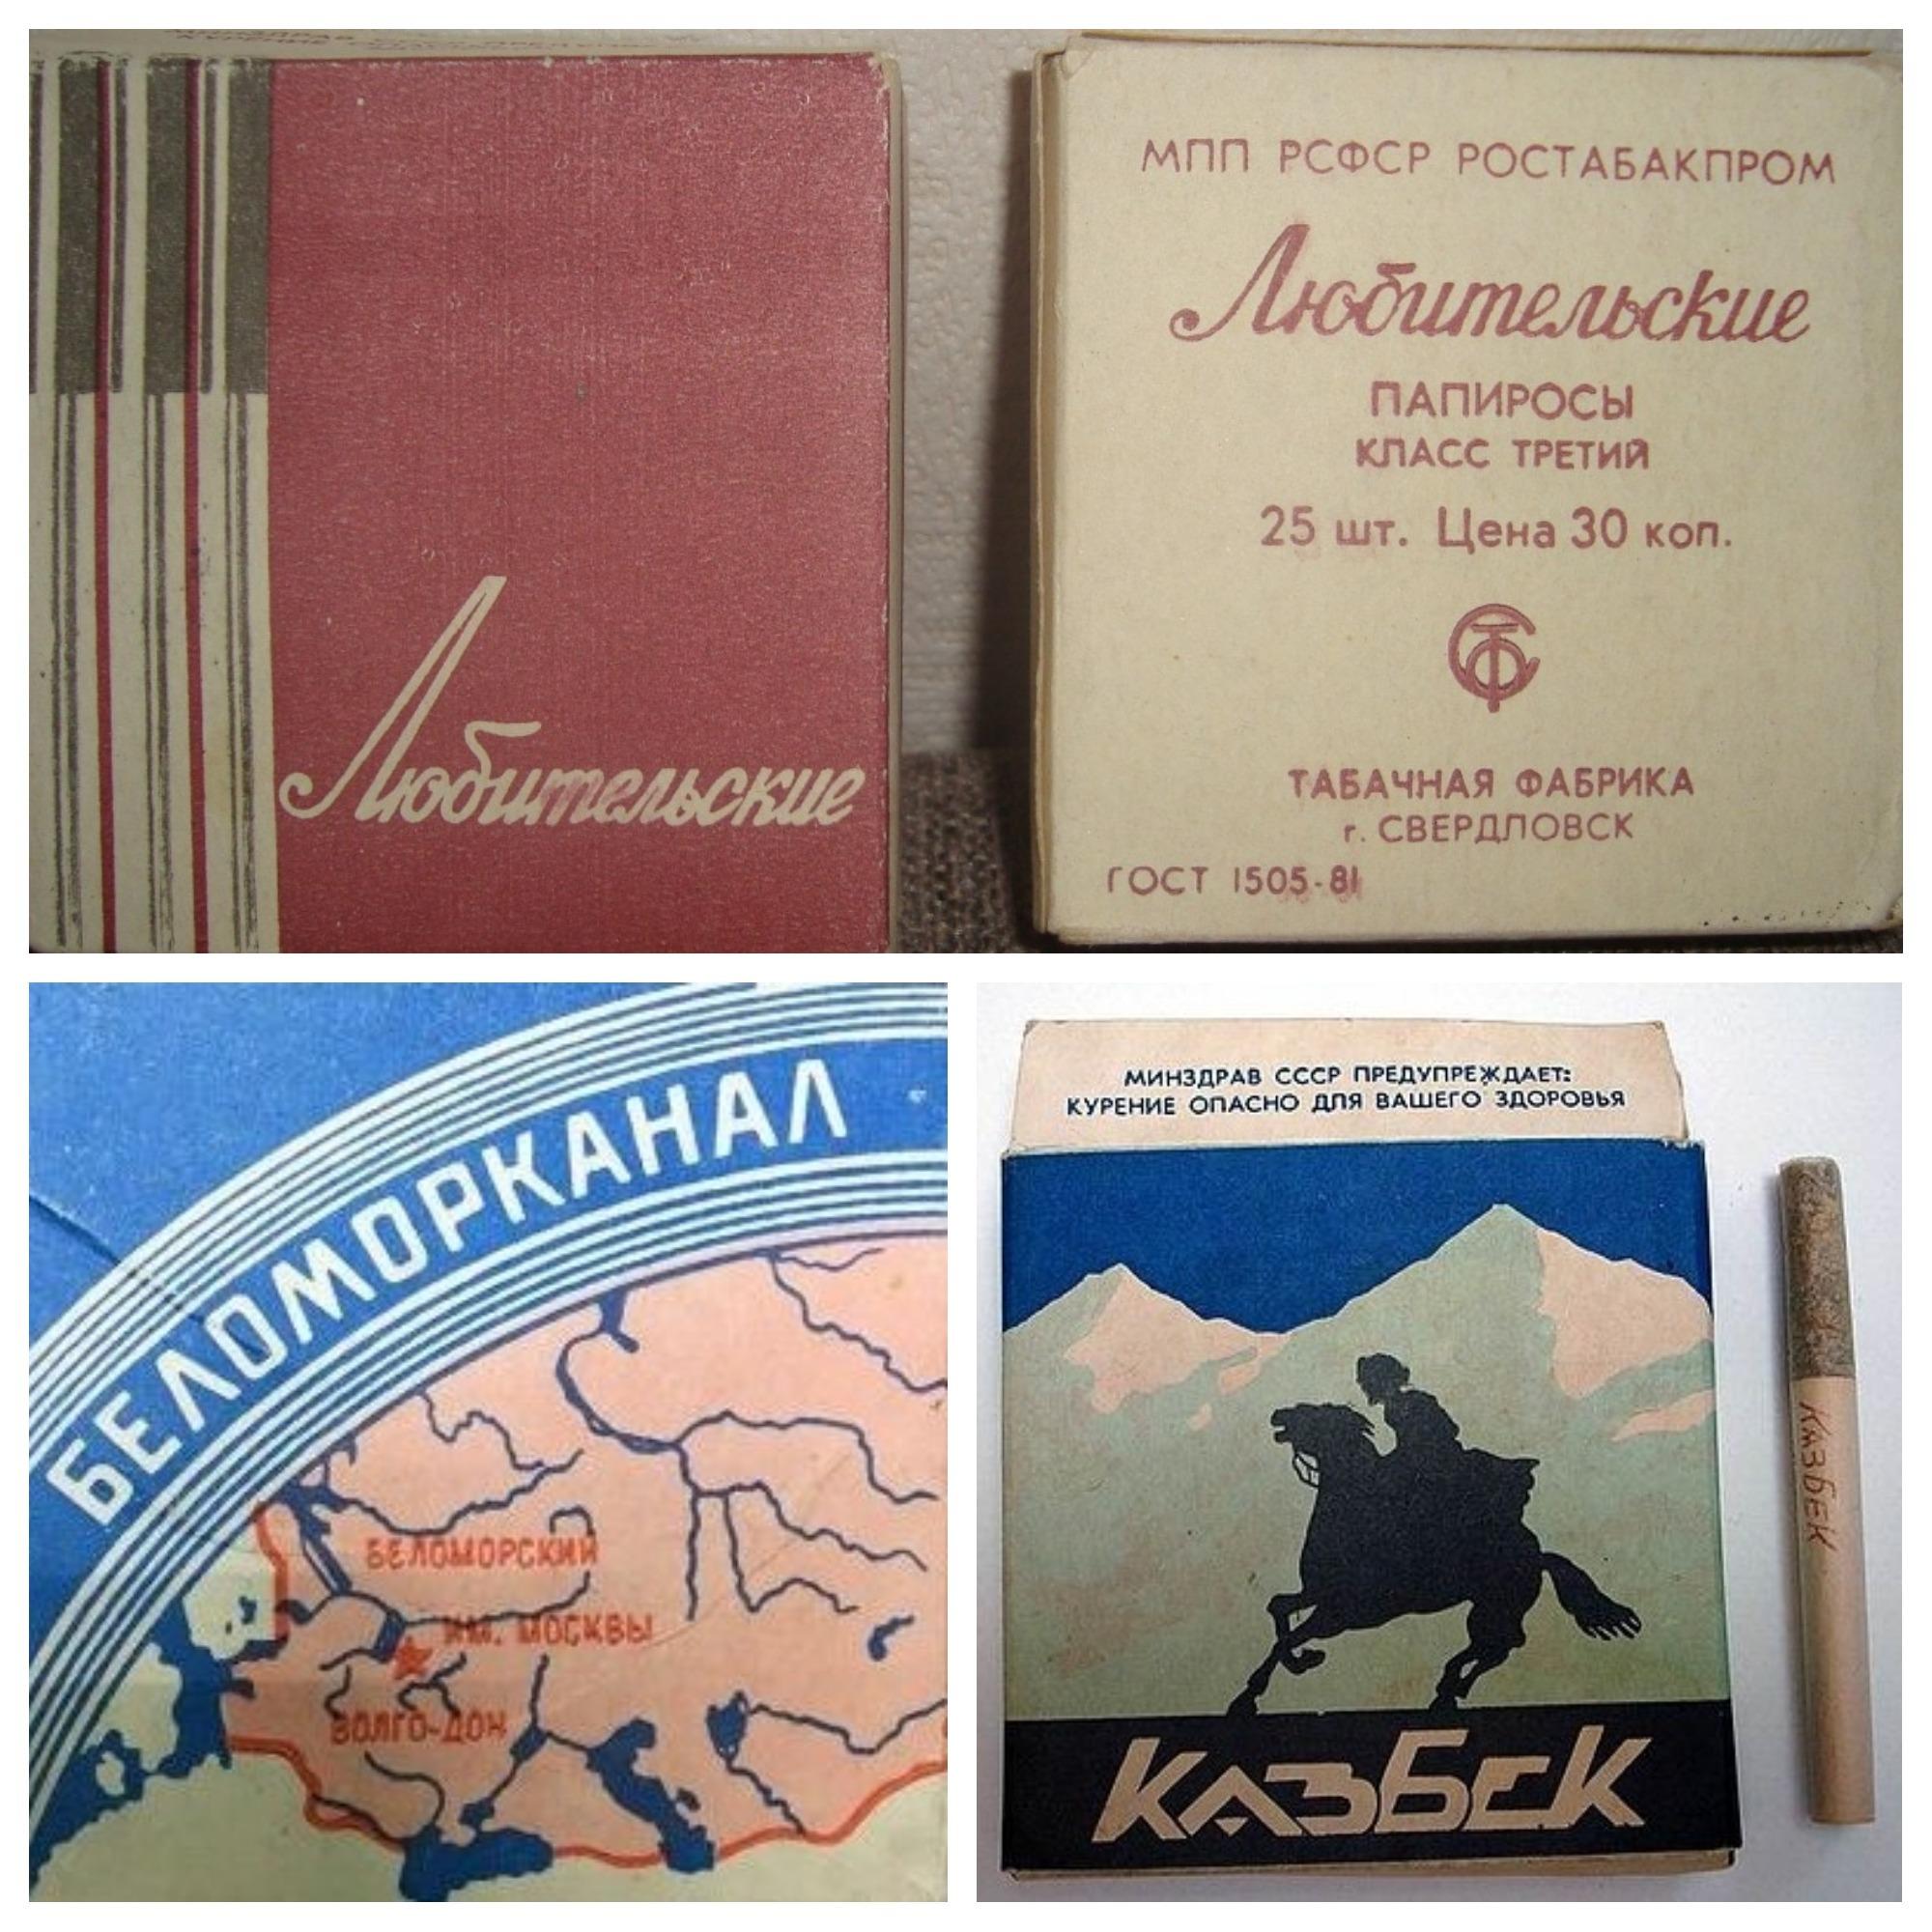 Купить советские сигареты и папиросы заказать сигареты на дом тольятти